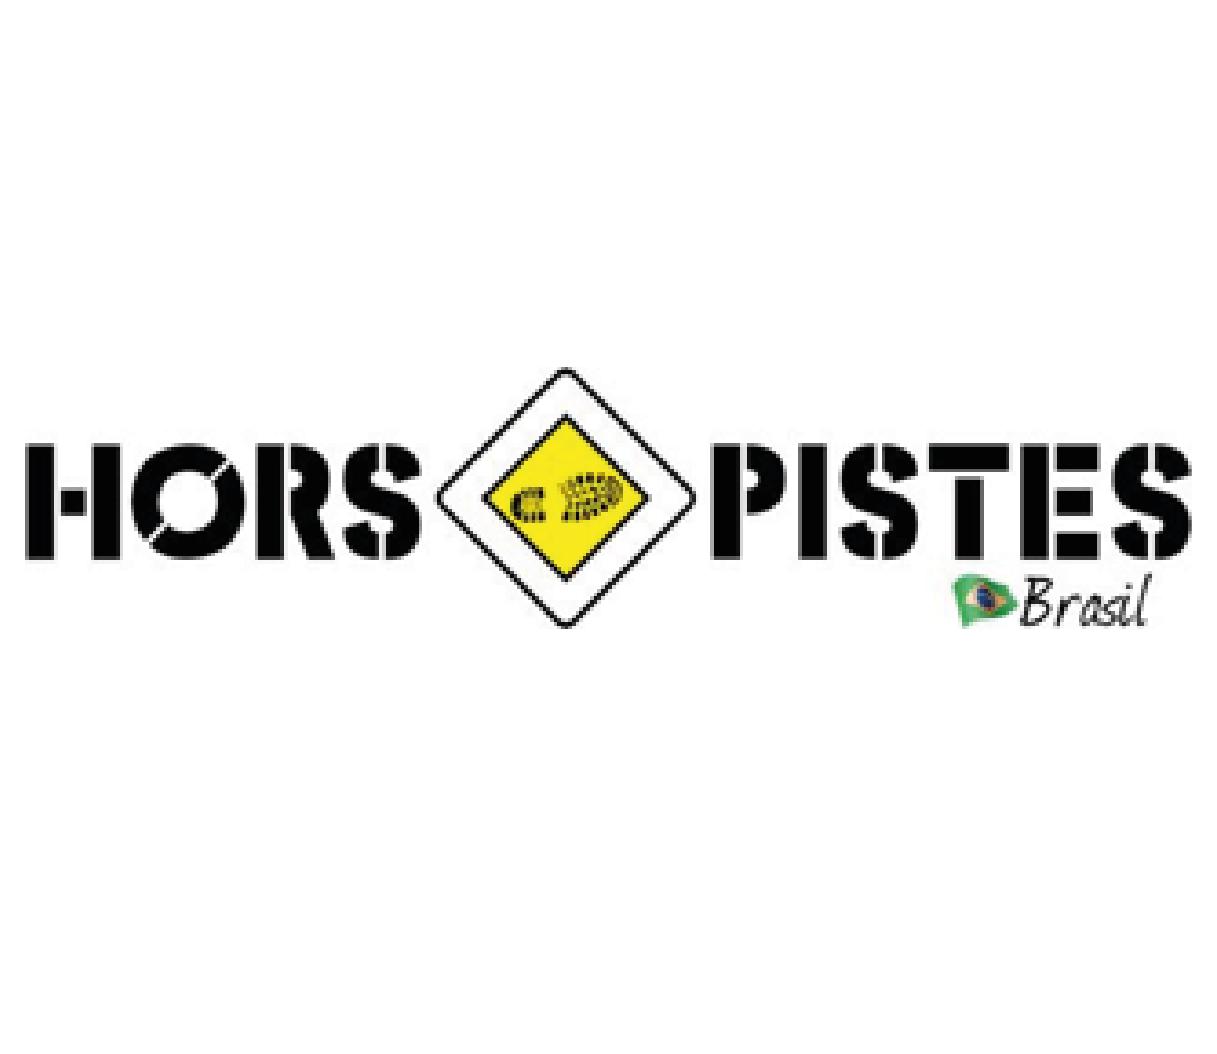 www.horspistesbrasil.com